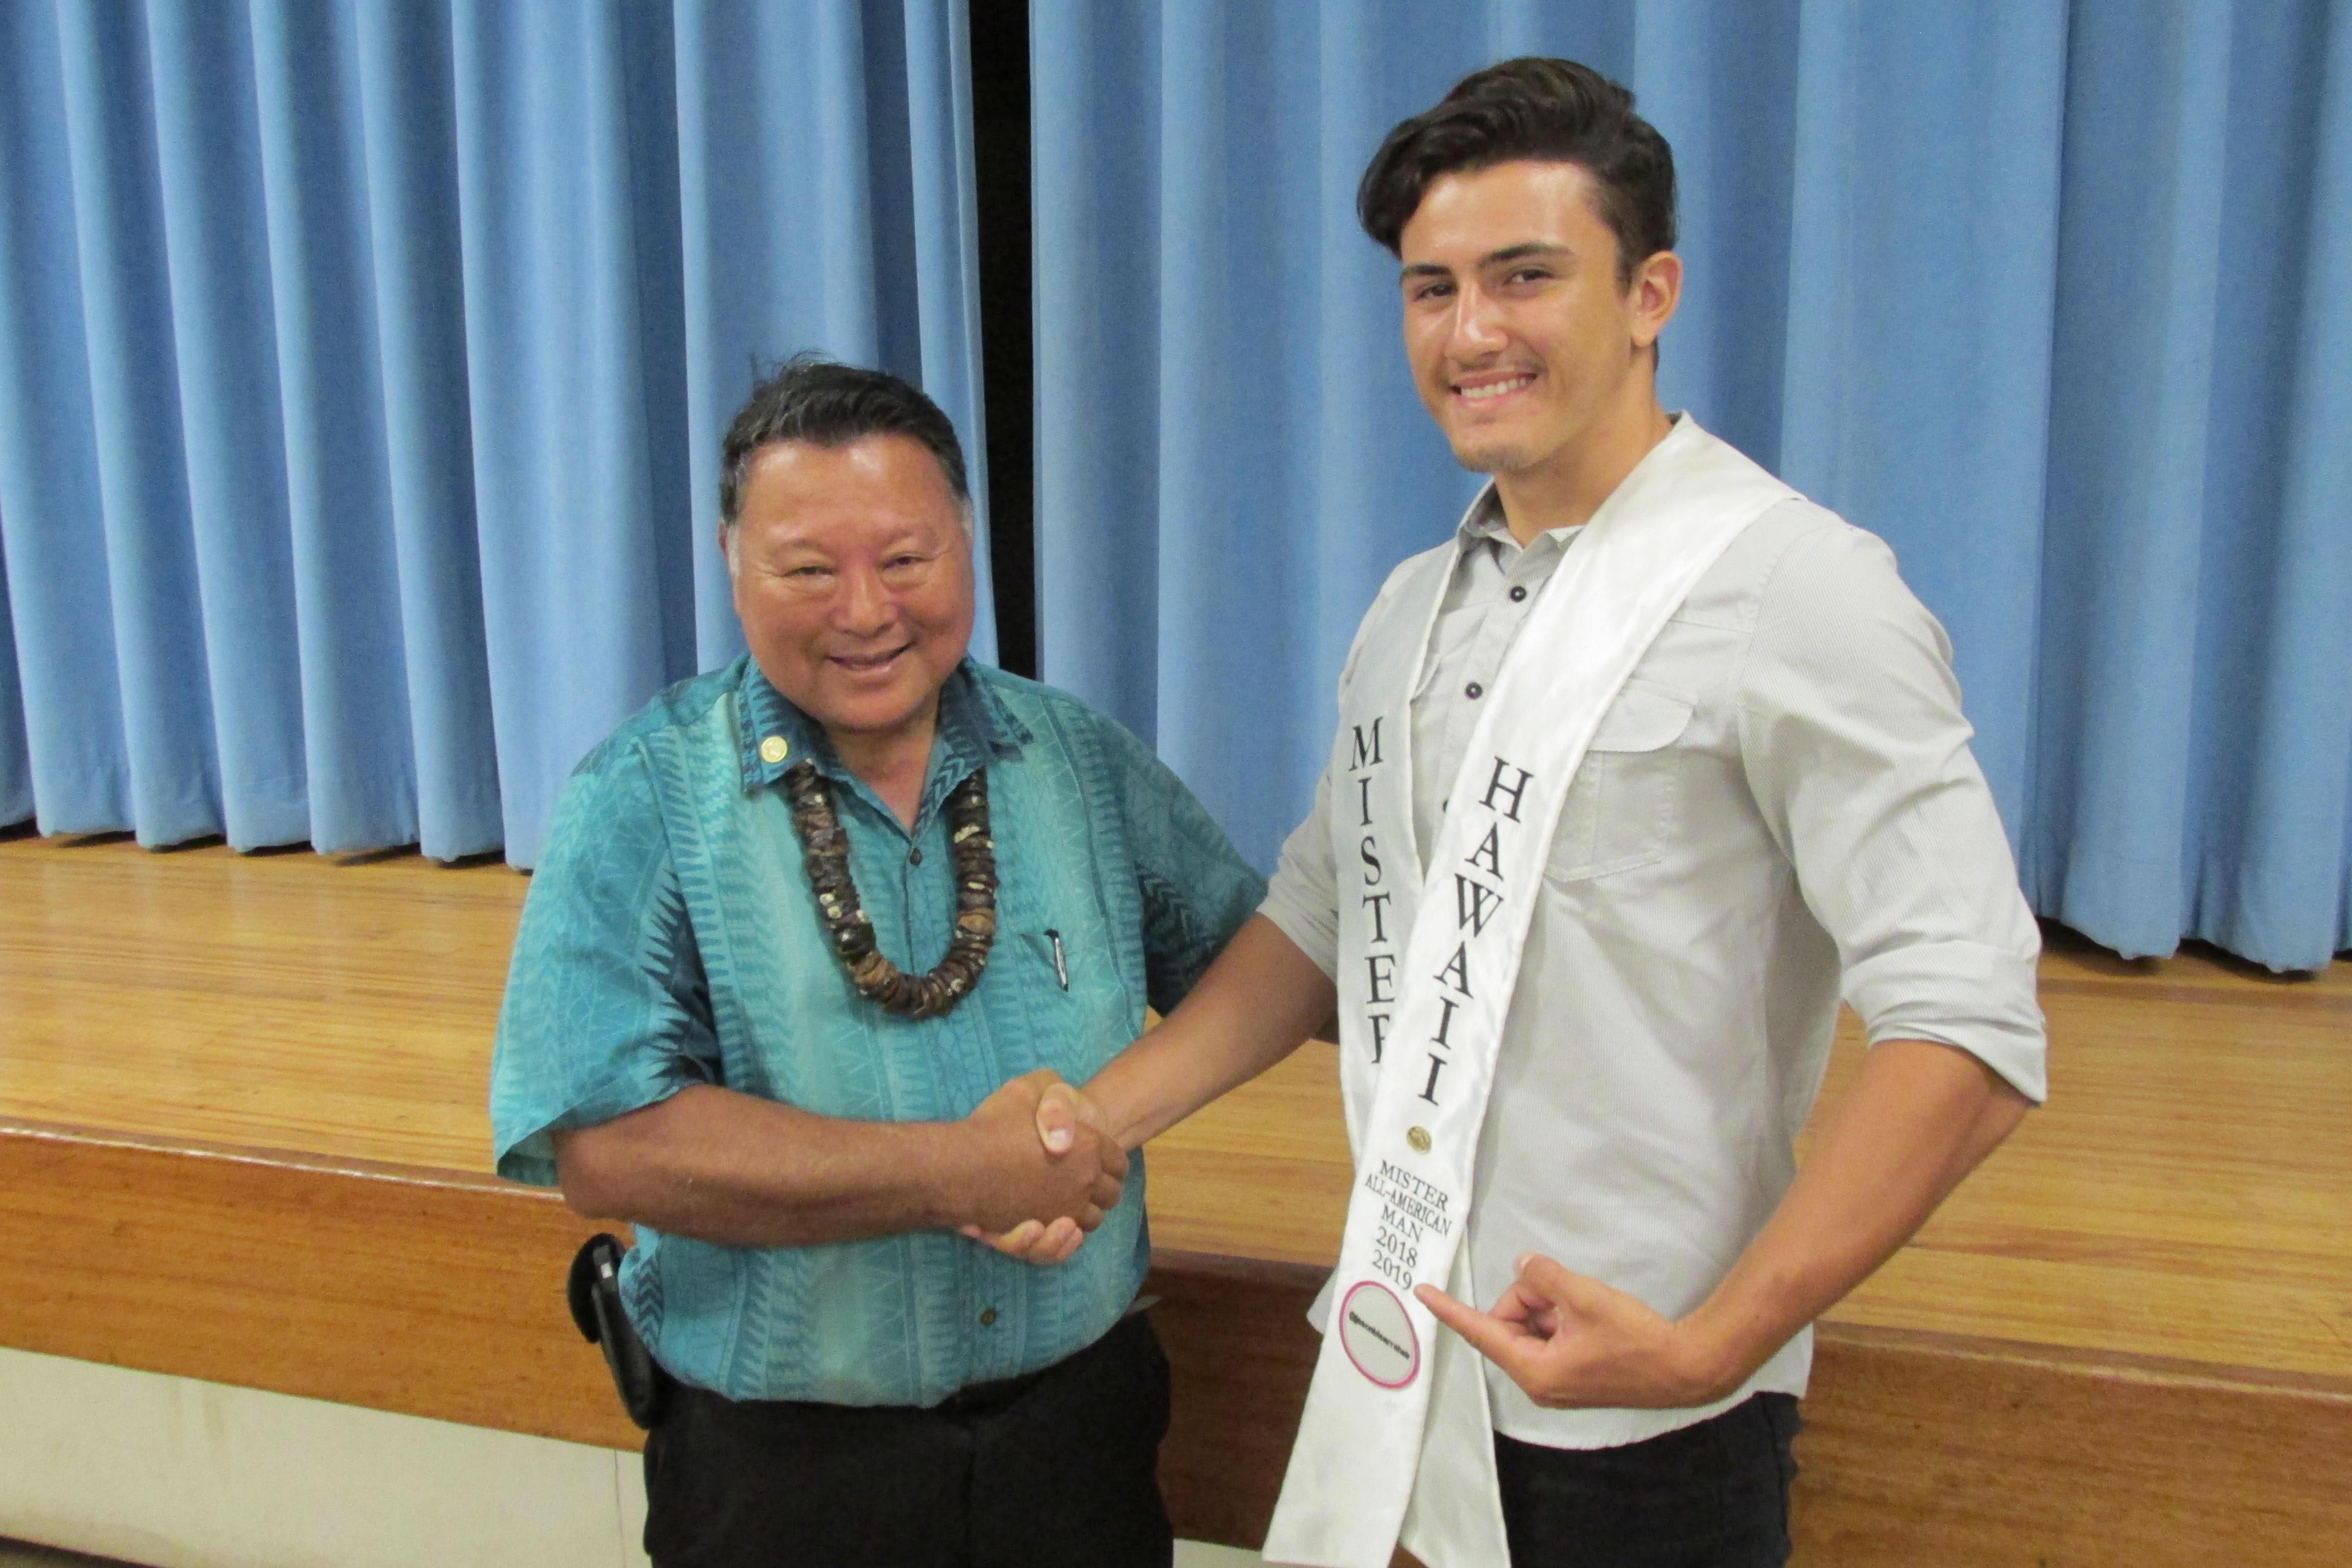 Maui's Caldwell Wins Mister Hawaiʻi All American Man 2018